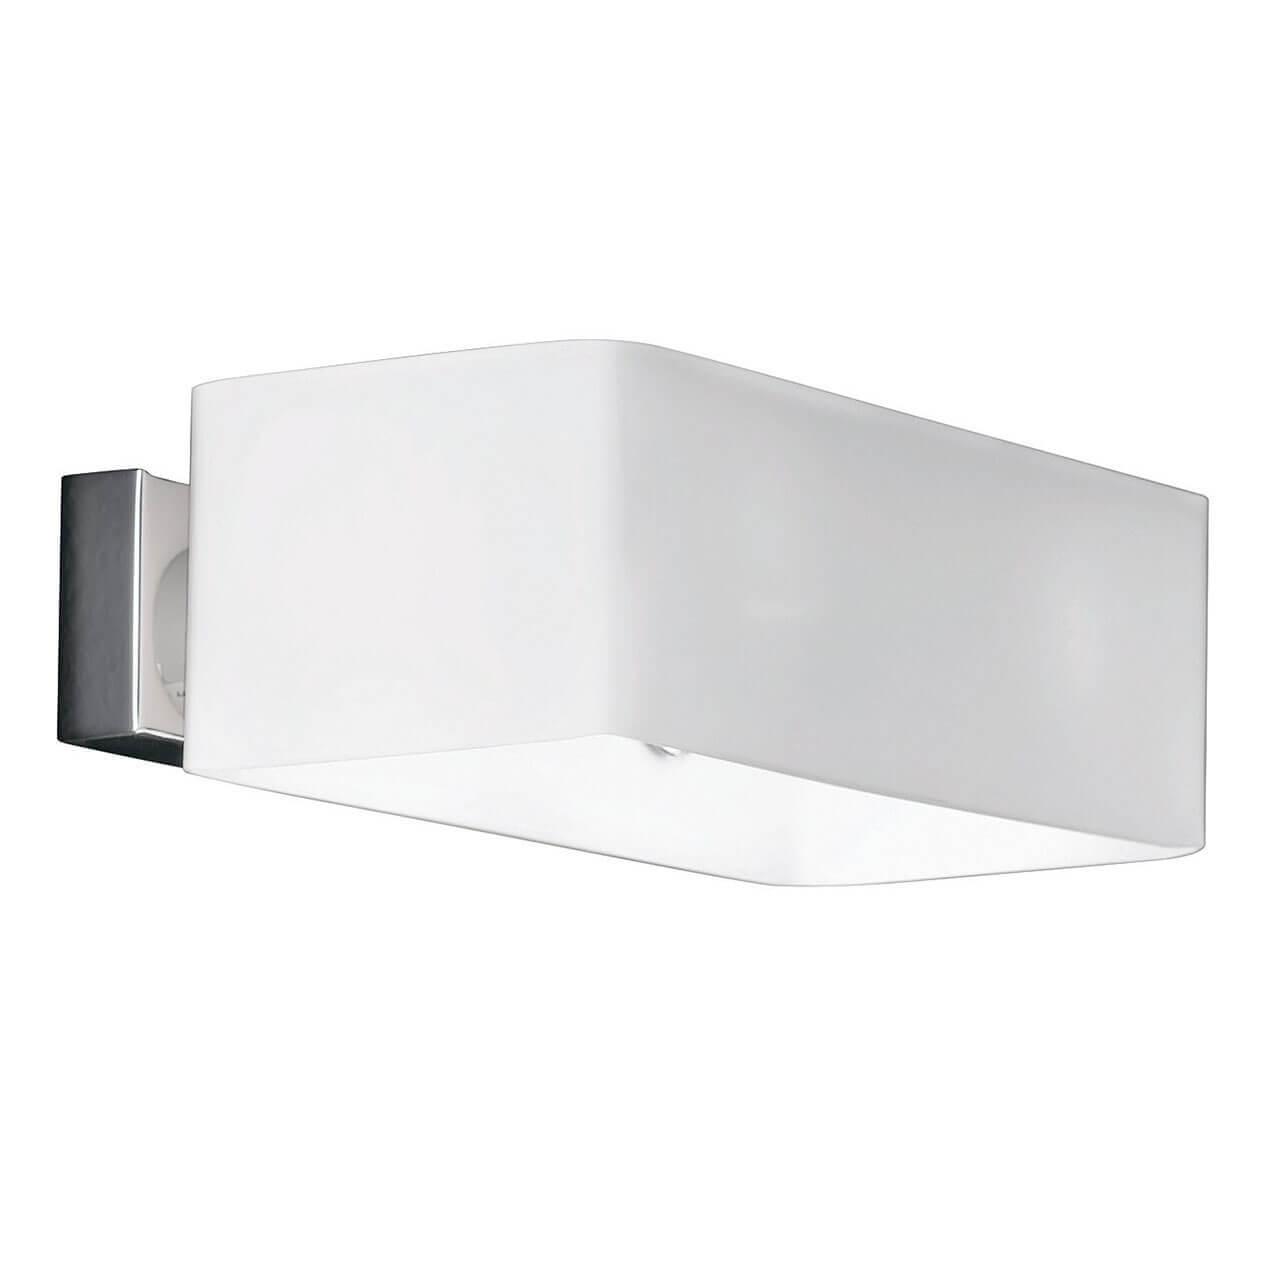 Настенный светильник Ideal Lux Box AP2 Bianco ideal 2245 4 мм